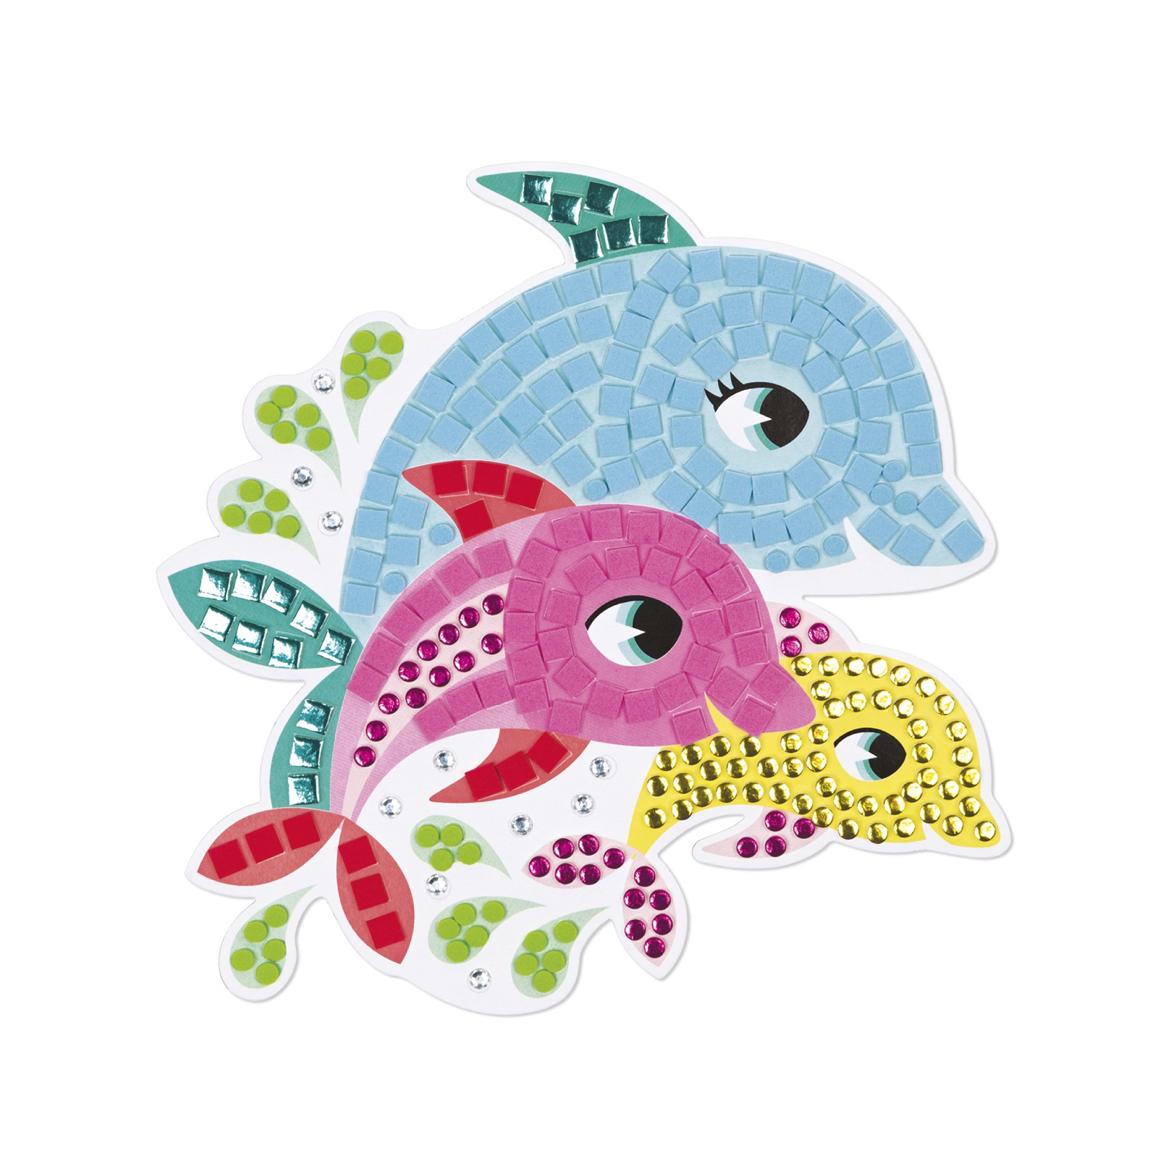 mosaico-animlaes-del-mar-de-janod-en-el-mundo-de-mico-3